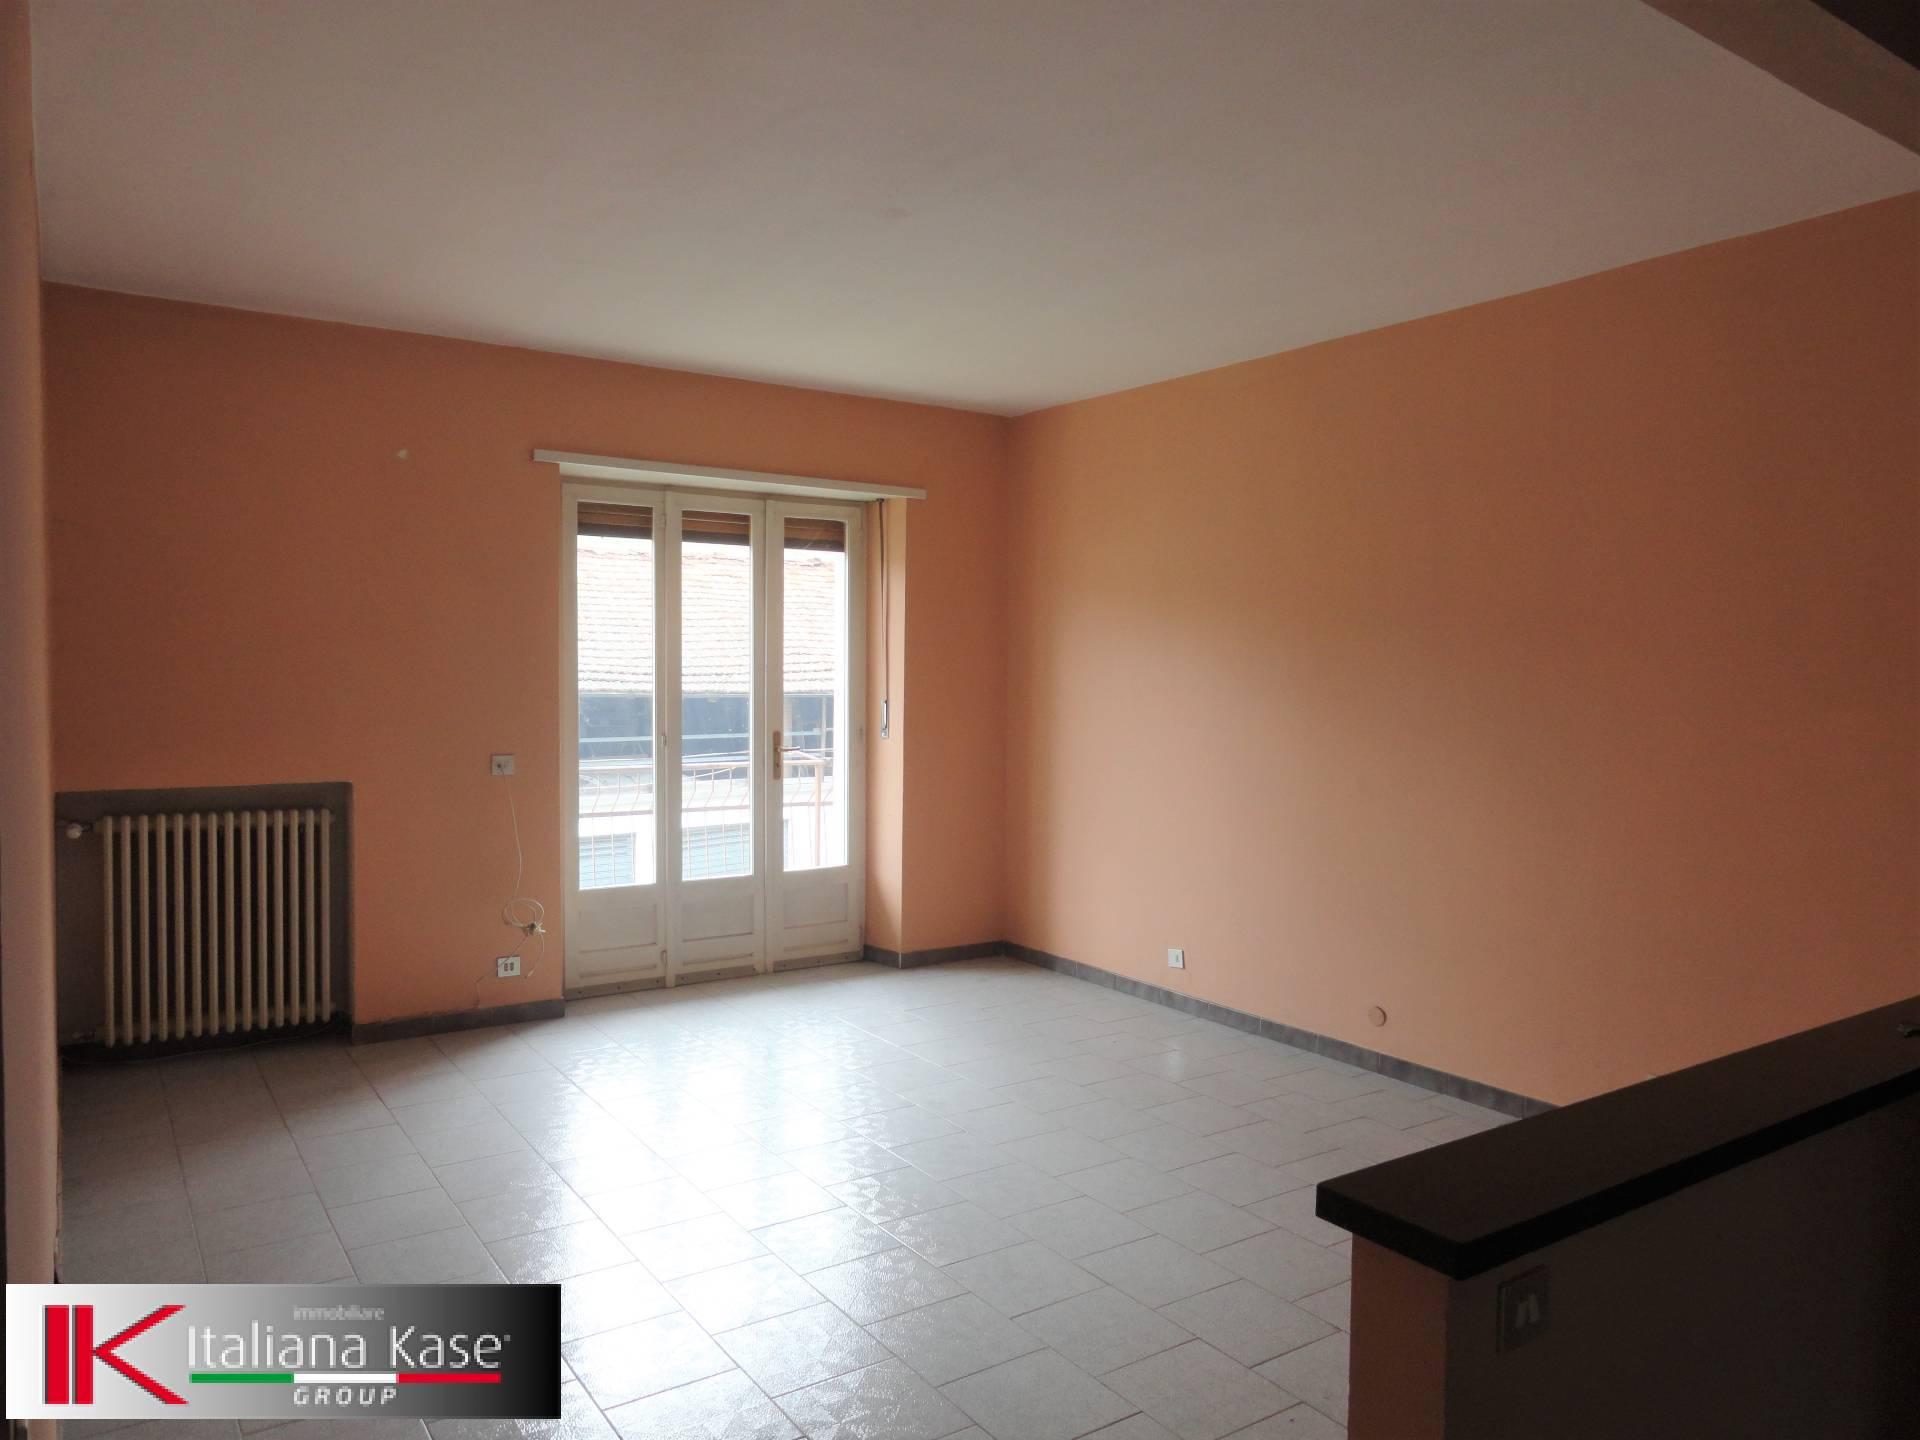 Appartamento in affitto a Candia Canavese, 4 locali, zona Località: CandiaCanavese, prezzo € 400 | PortaleAgenzieImmobiliari.it